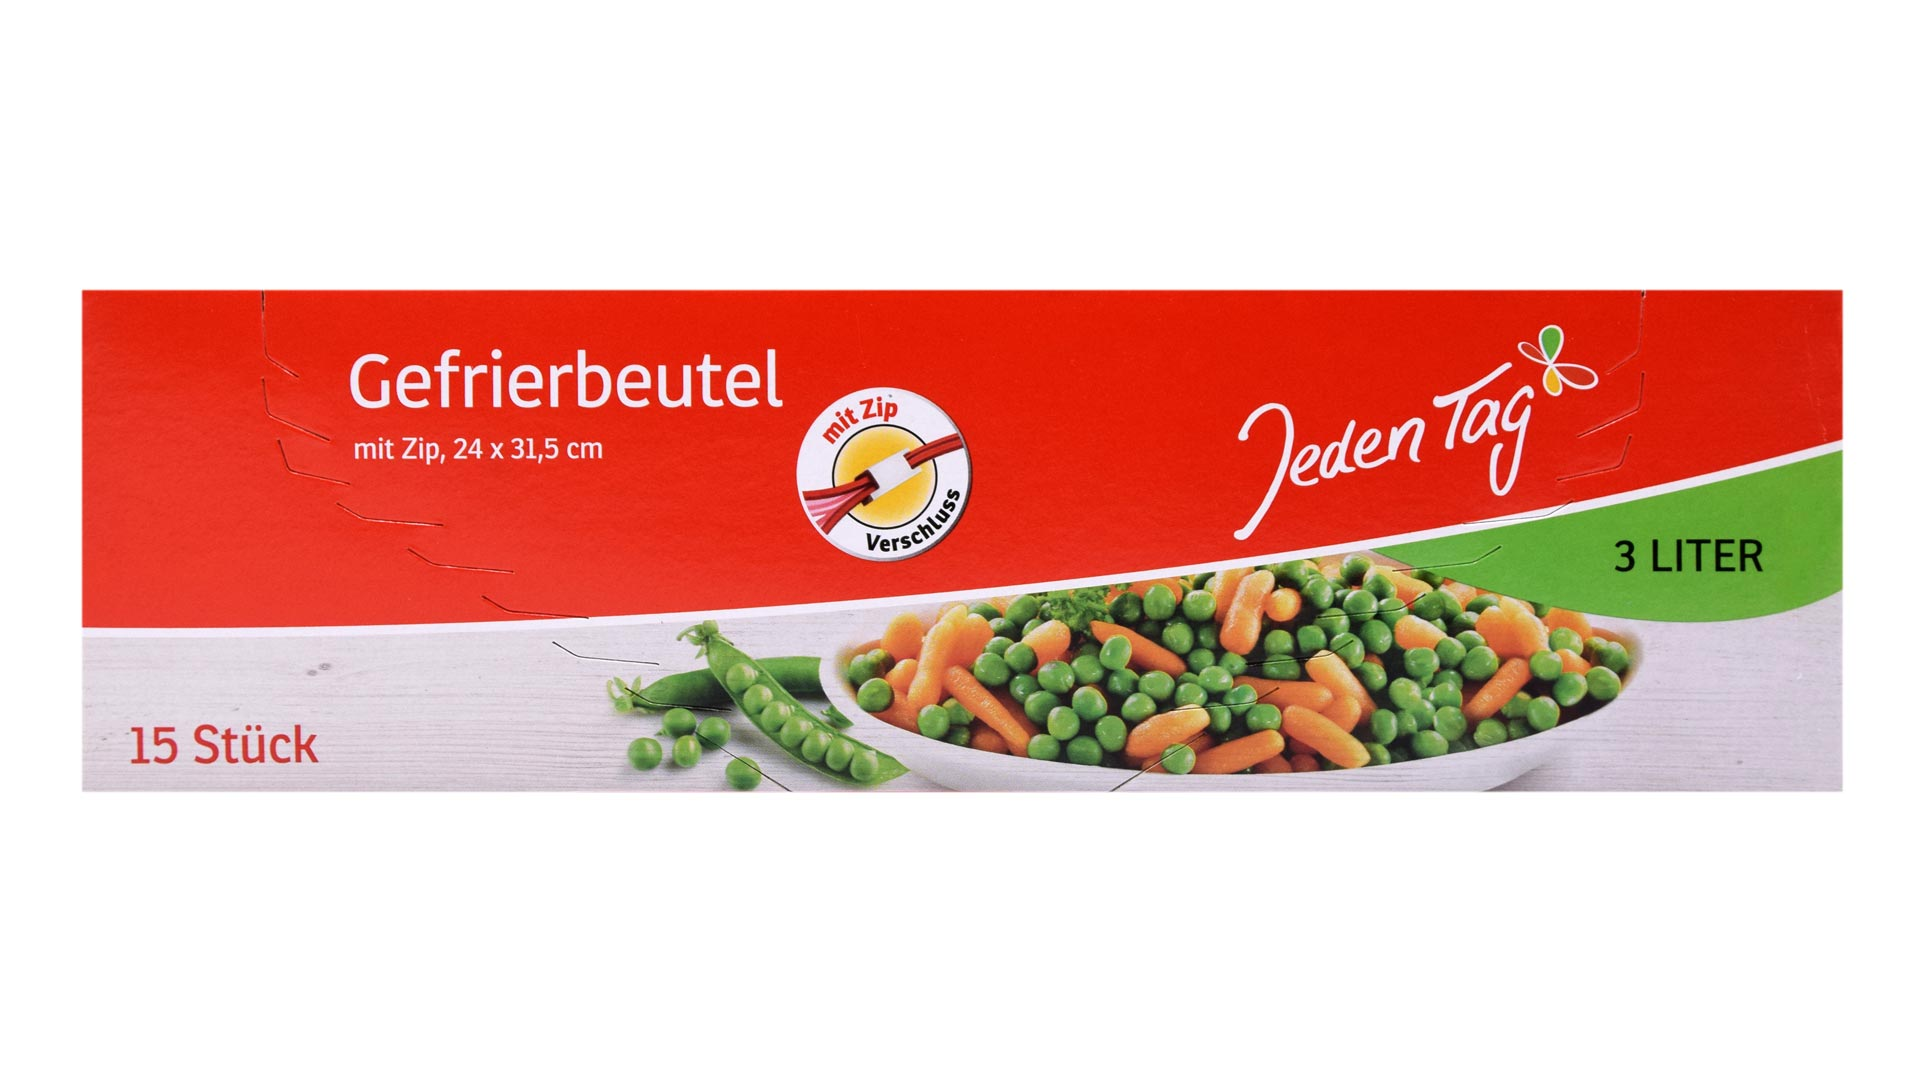 Alagirls Sandwich Tasche Lebensmittel Beutel 10Stk Wiederverwendbar Gefrierbeutel Snack Obst Aufbewahrungsbeutel BPA-Frei Gefrierbeutel Rei/ßverschluss ALAFSC001-10PC